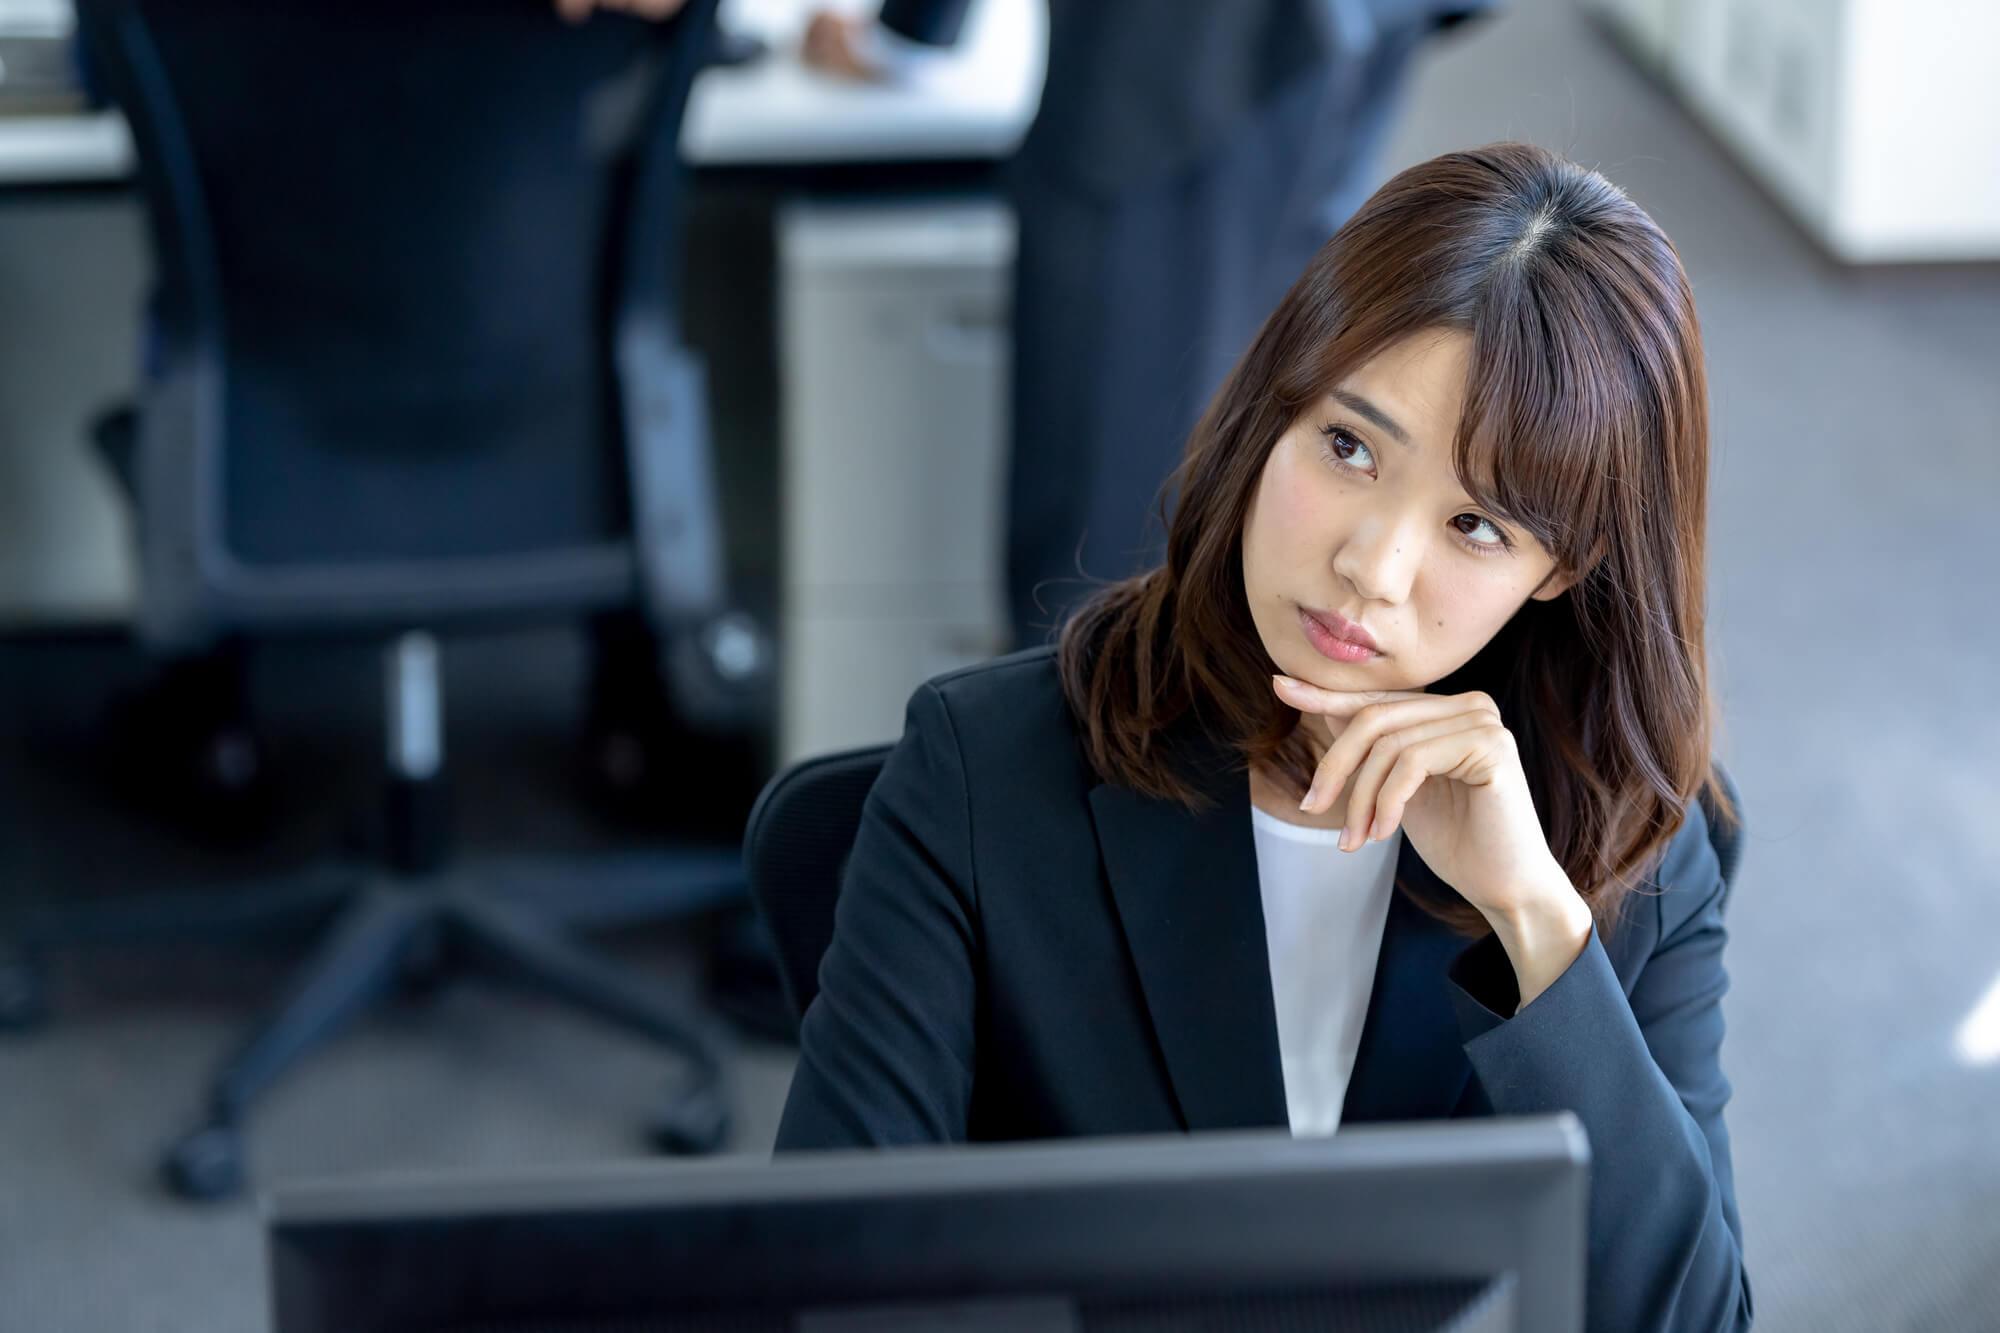 辛かった過去の恋愛を忘れるために、職場の先輩社員と不倫関係を続けている20代の女子社員